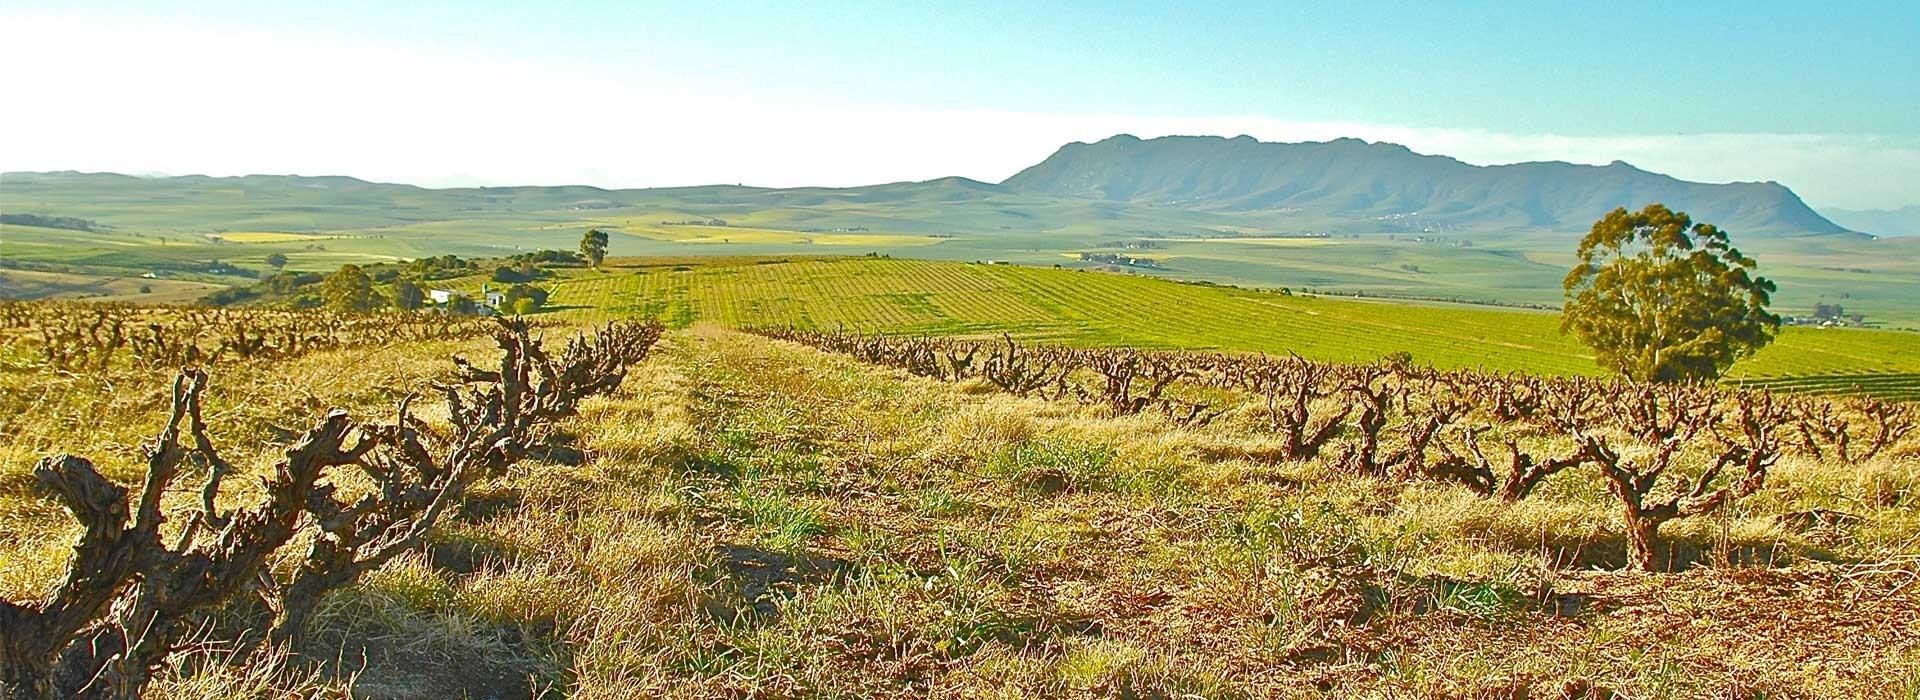 Erfahrungsbericht Auslandssemester Südafrika – Teil 1: Weinbau in ...